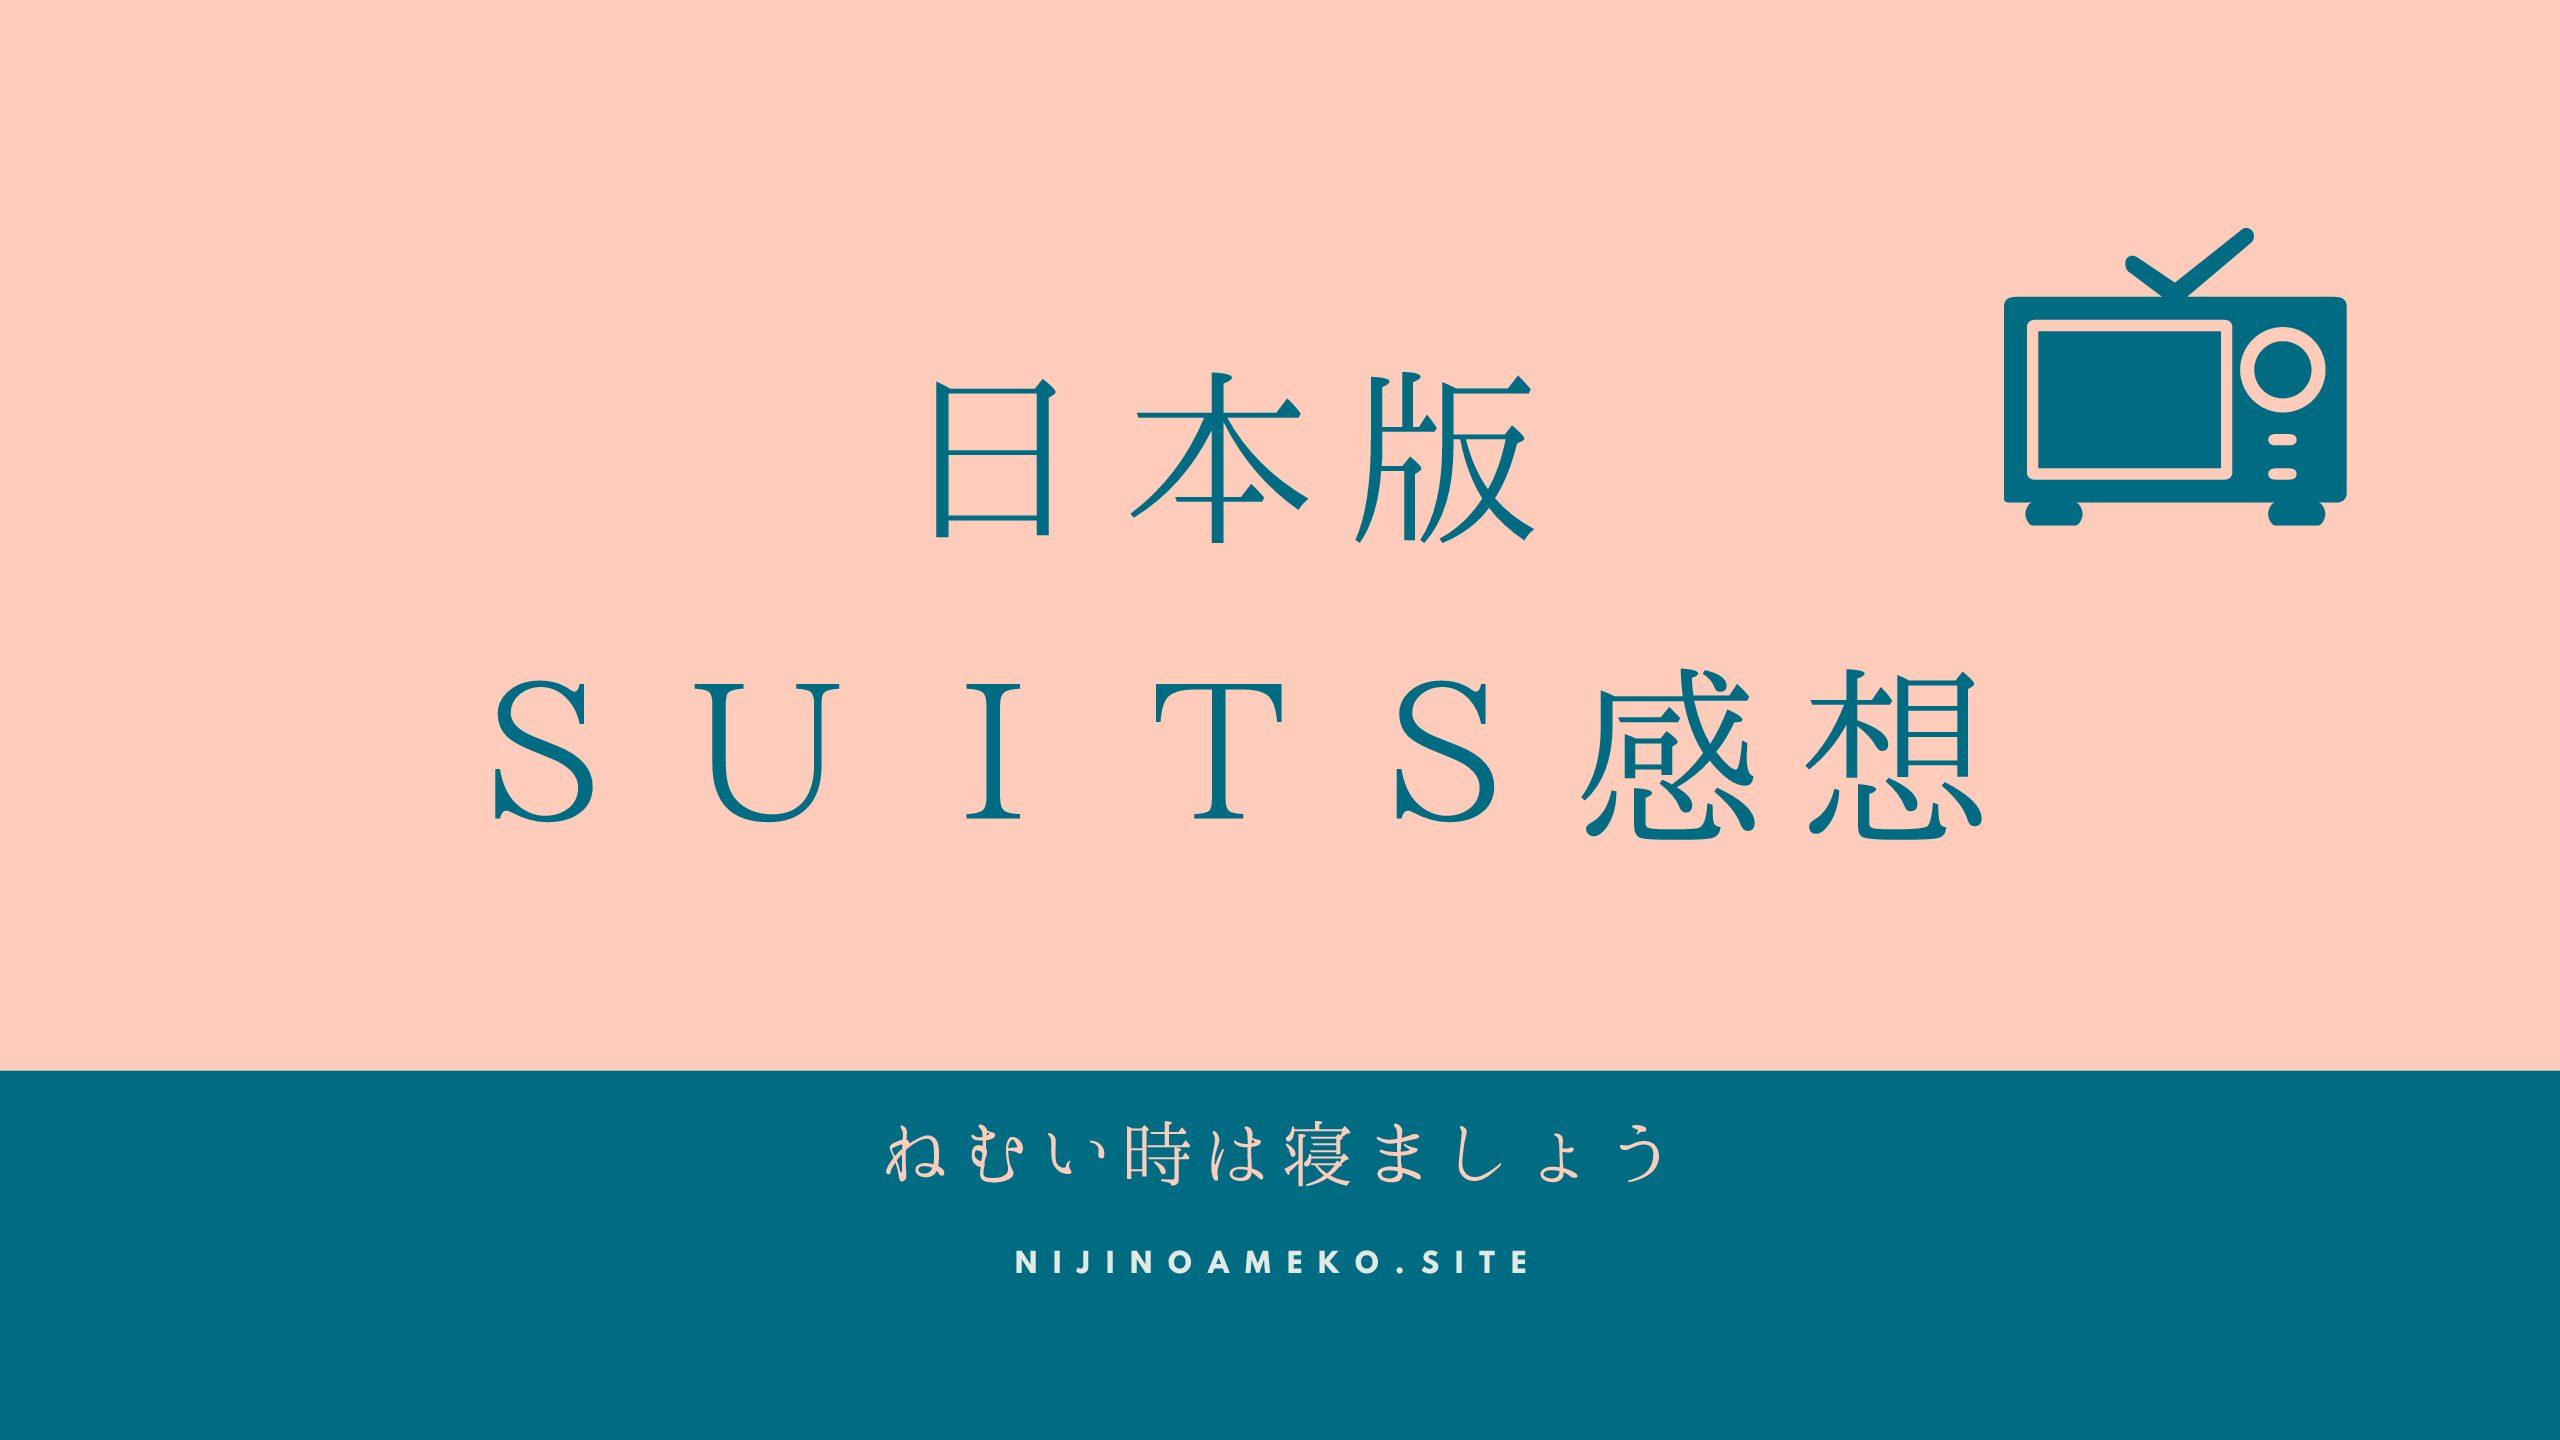 スーツ ドラマ 日本 動画 1話